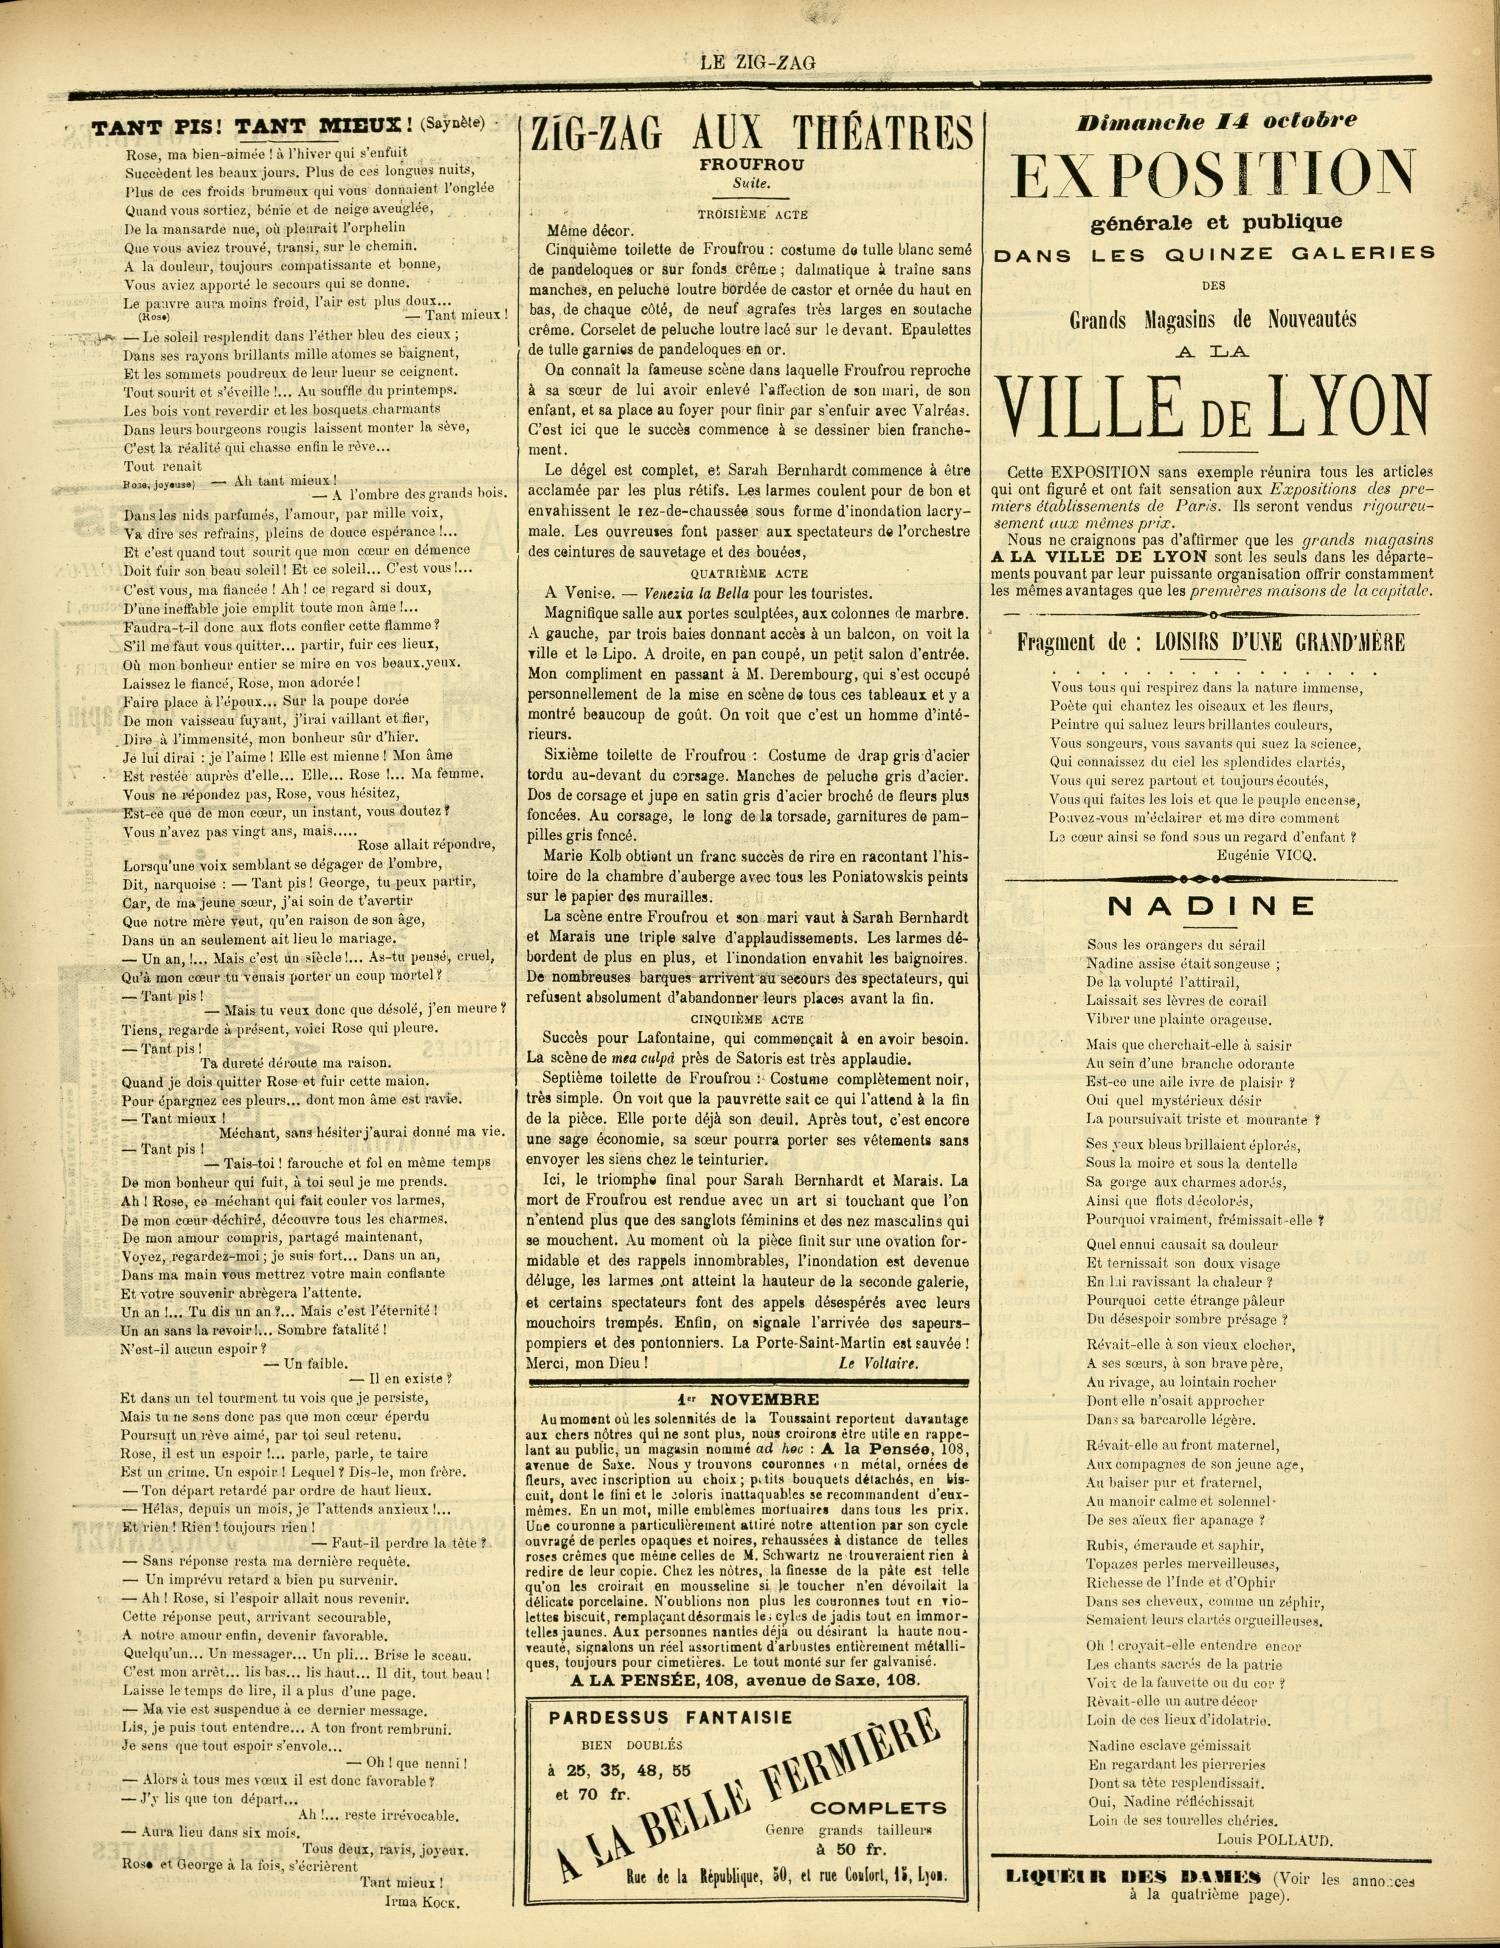 Contenu textuel de l'image : ZIGZAG AUX THÉÂTRES